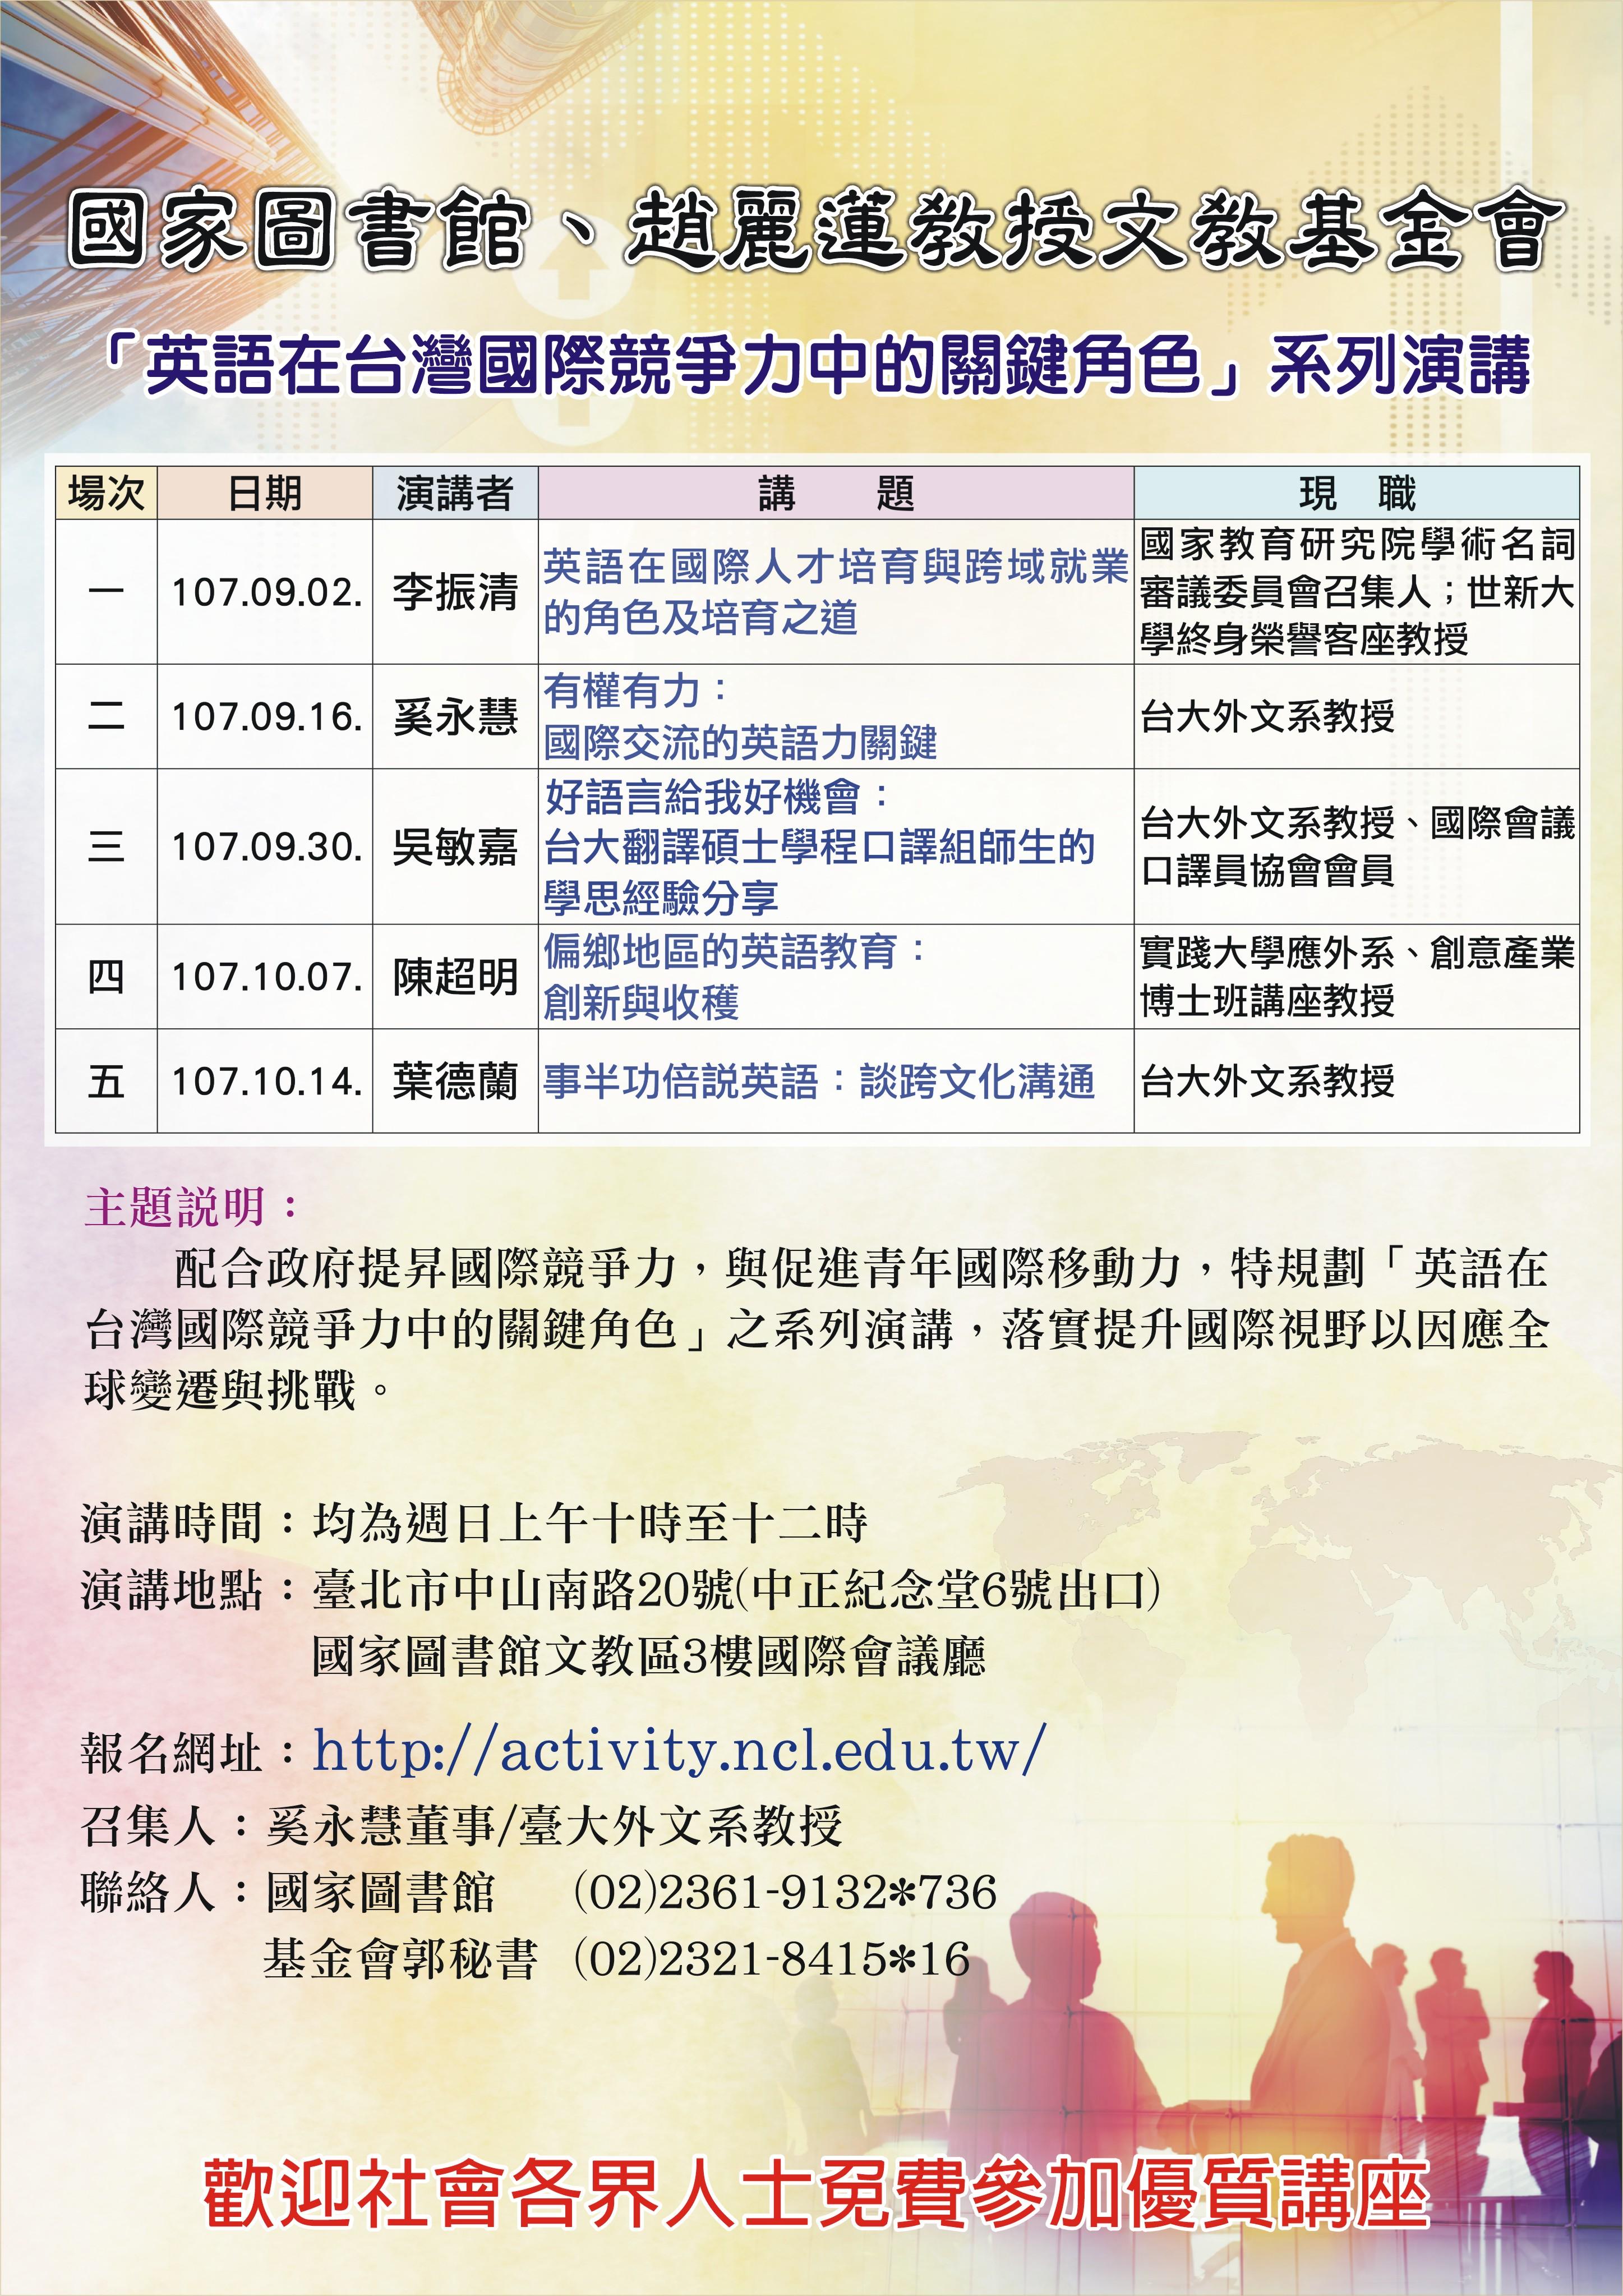 「英語在臺灣國際競爭力中的關鍵角色」系列演講海報